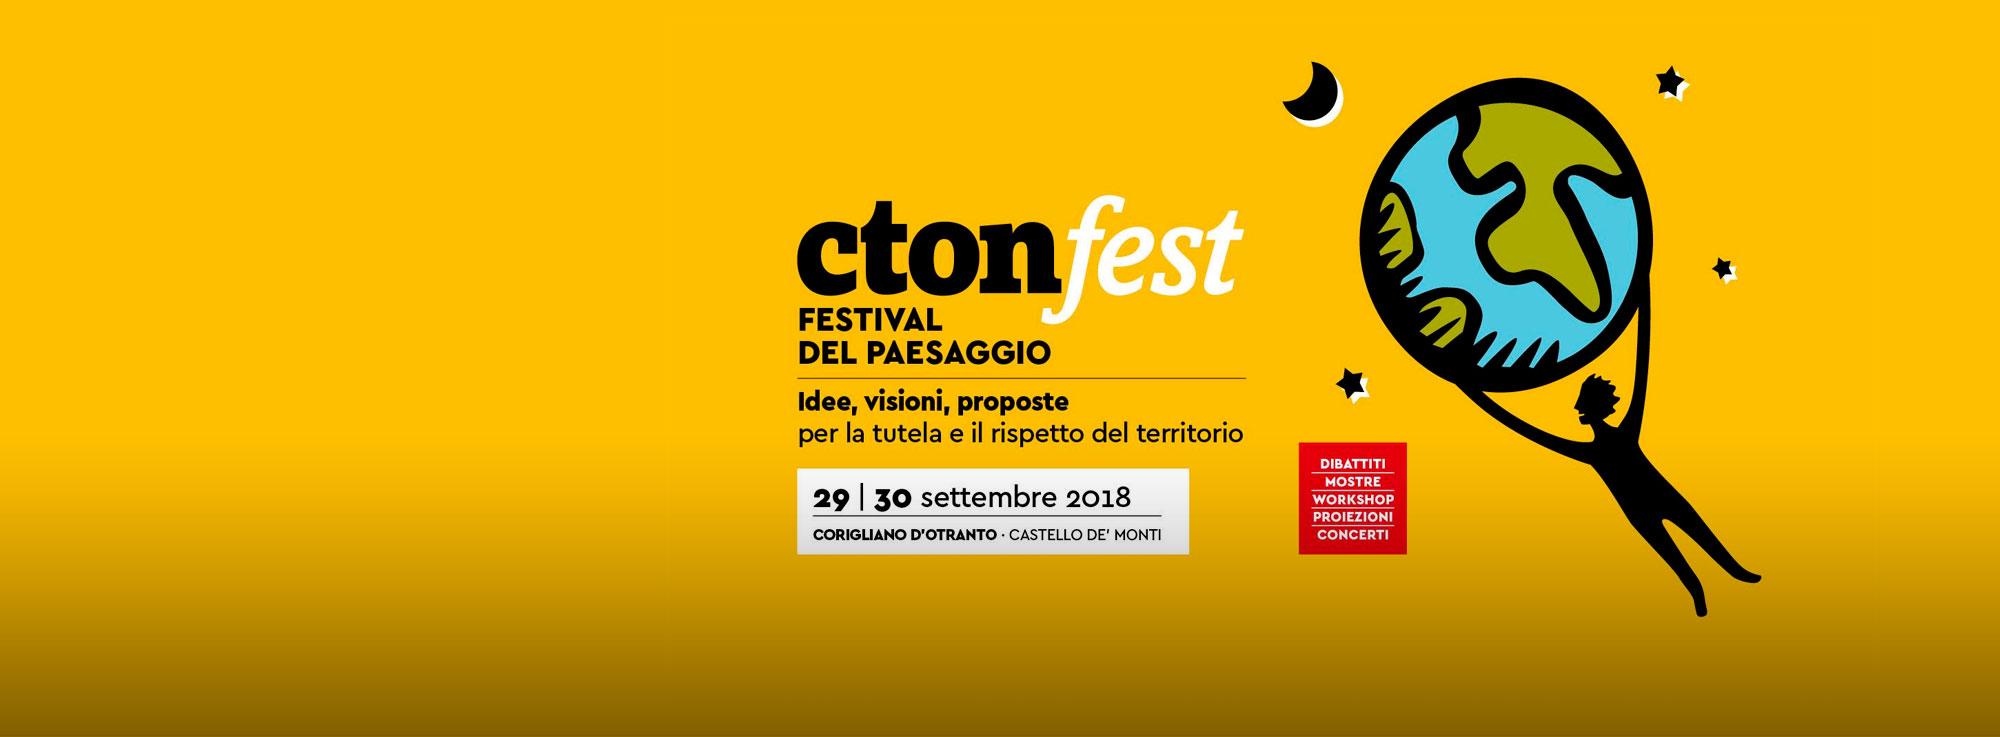 Corigliano d'Otranto: Cton Fest - Festival del Paesaggio